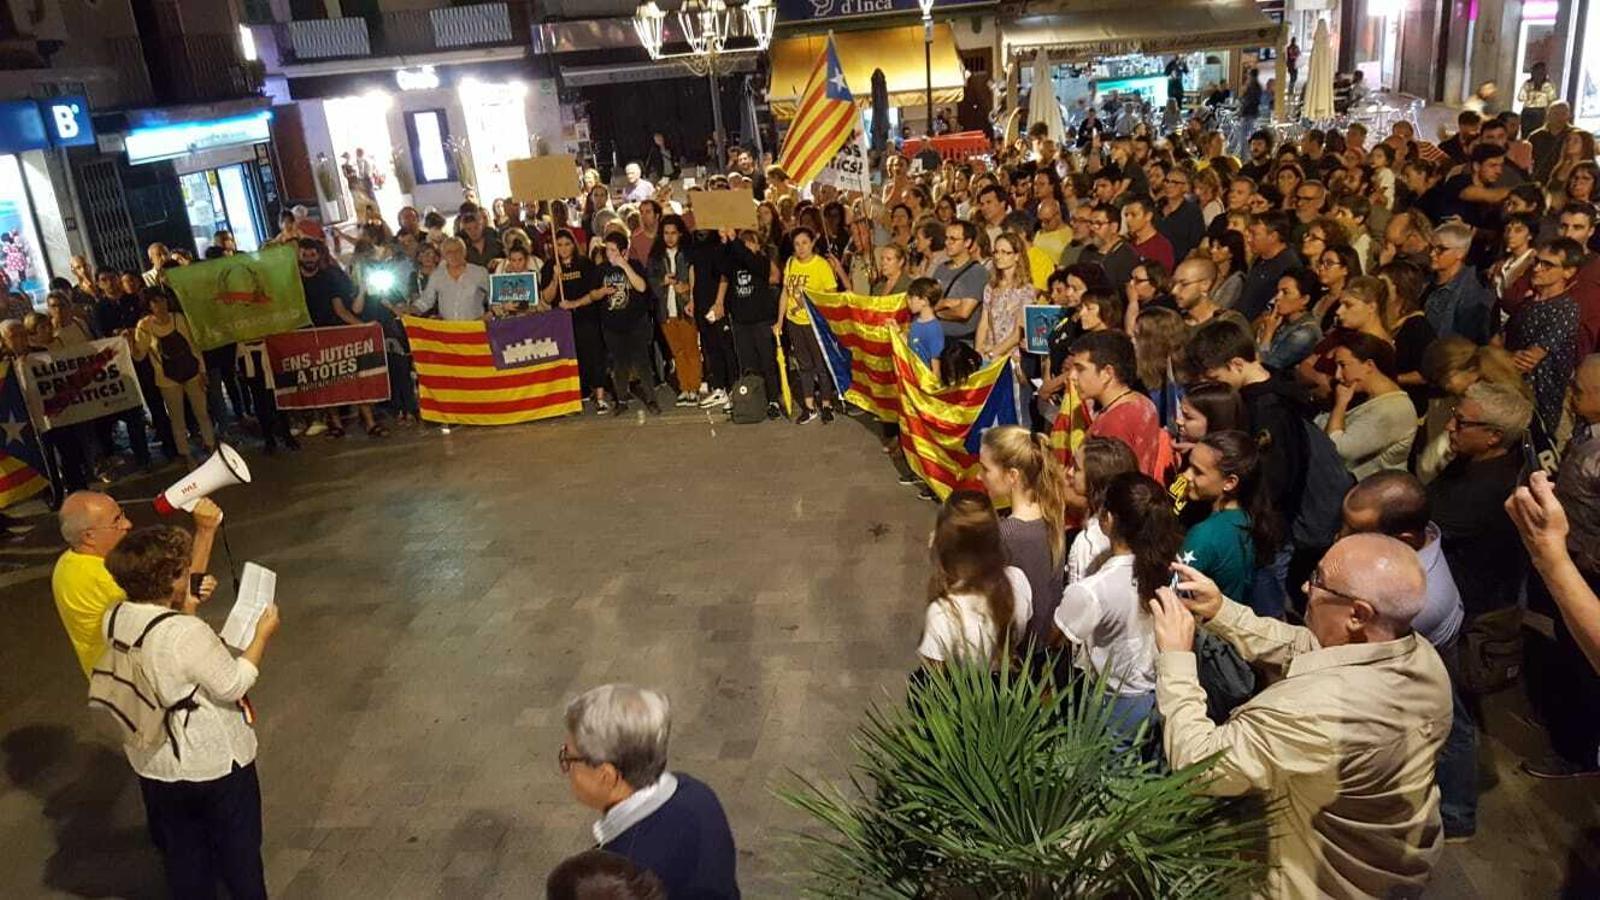 Milers de persones clamen a Mallorca contra la sentència al Procés